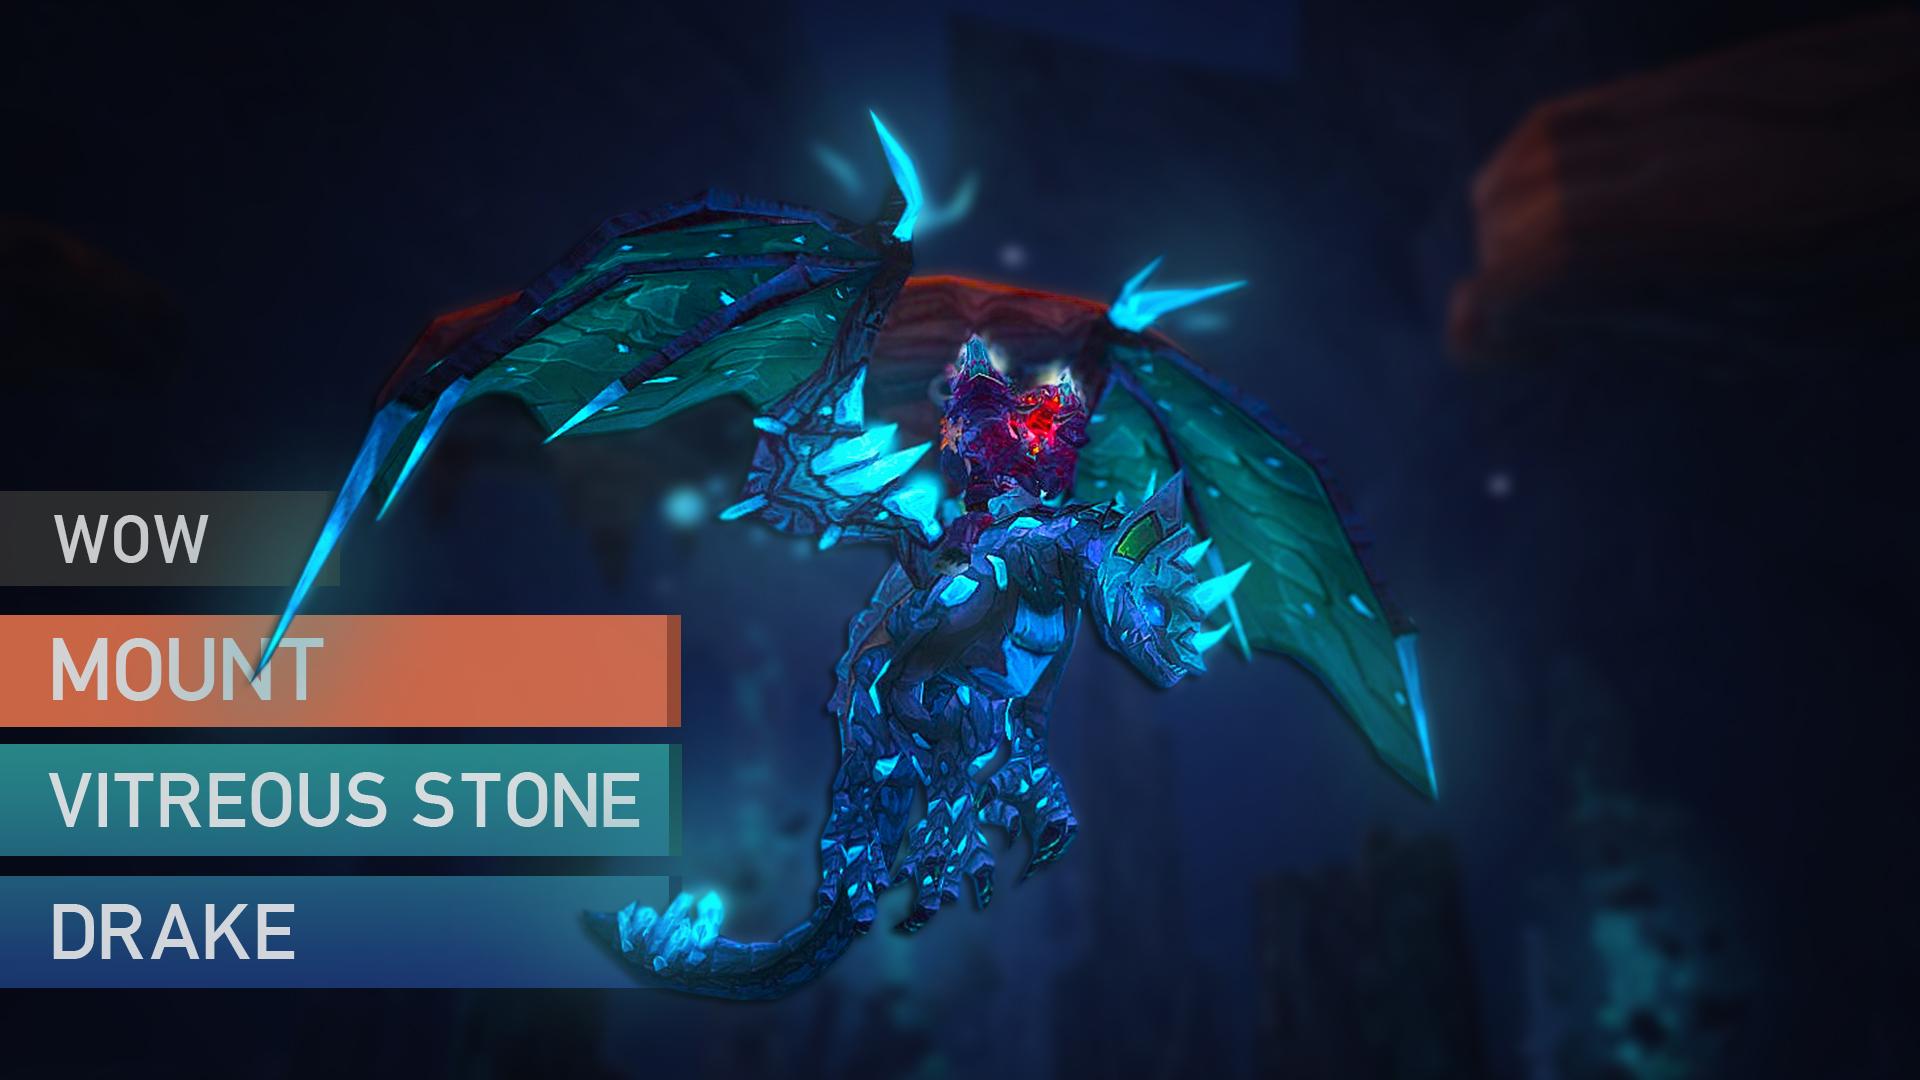 Vitreous Stone Drake Mount GBD - e2p.com